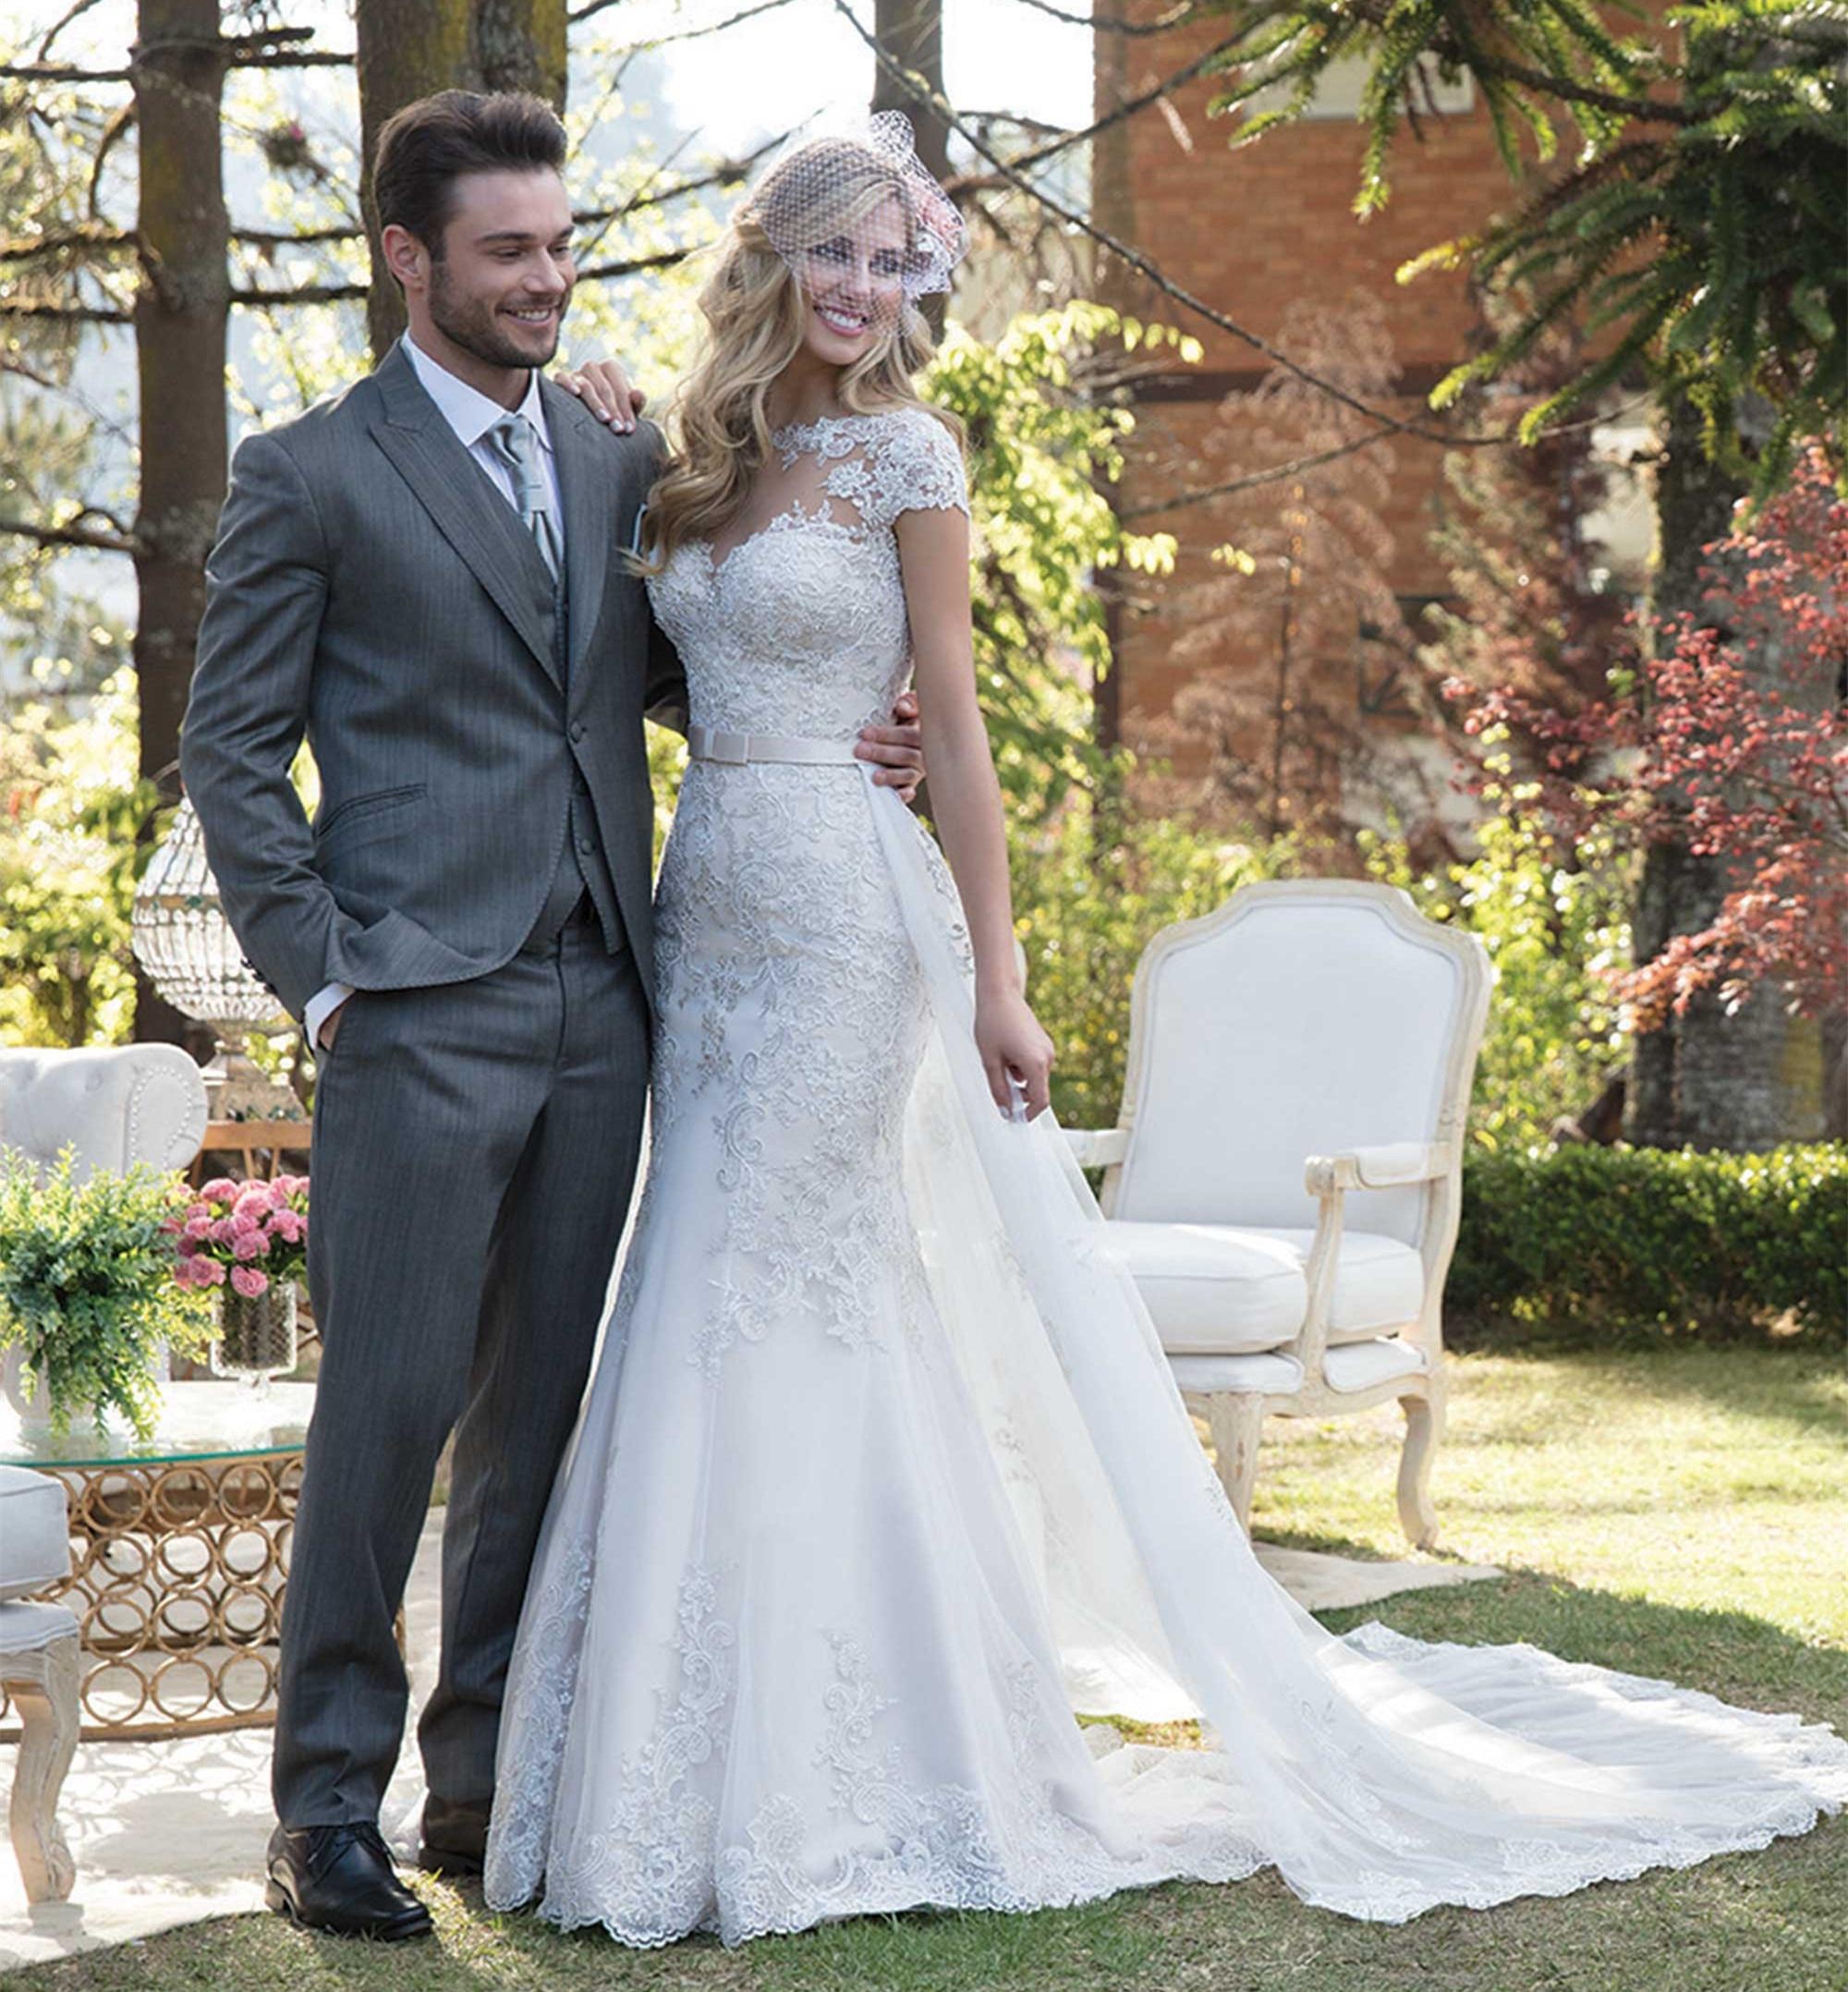 Jupe détachable sirène dentelle Tulle perles Appliques Sexy luxe robes de mariée robes de mariée sur mesure 2019 nouveau Design SC11